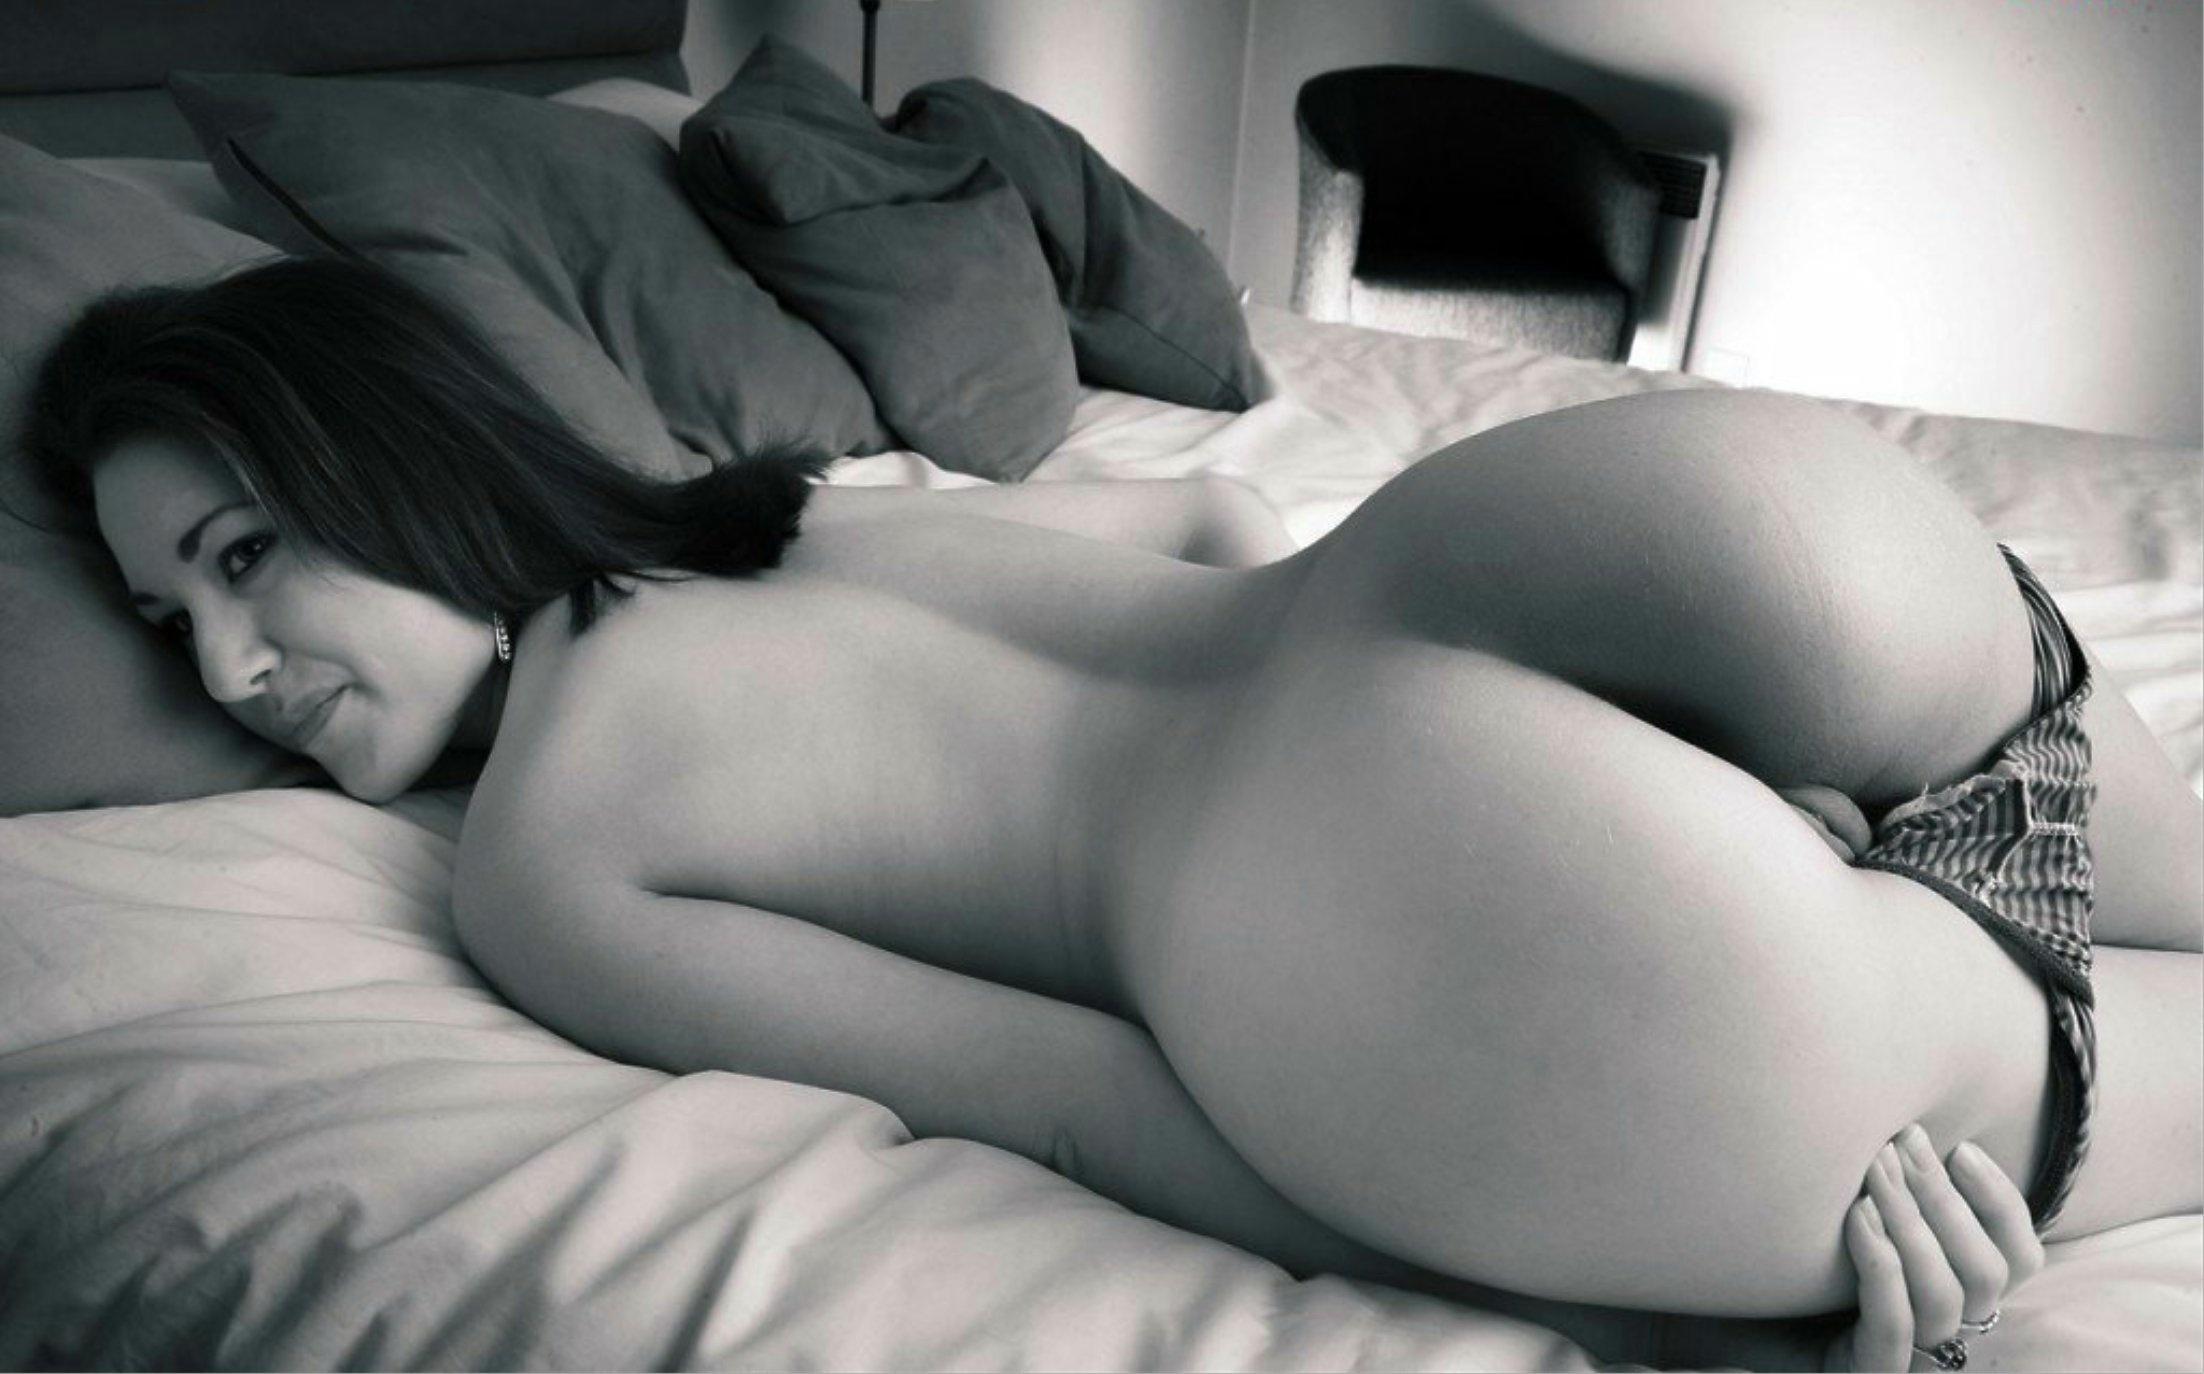 Черно белые порнографические фотографии